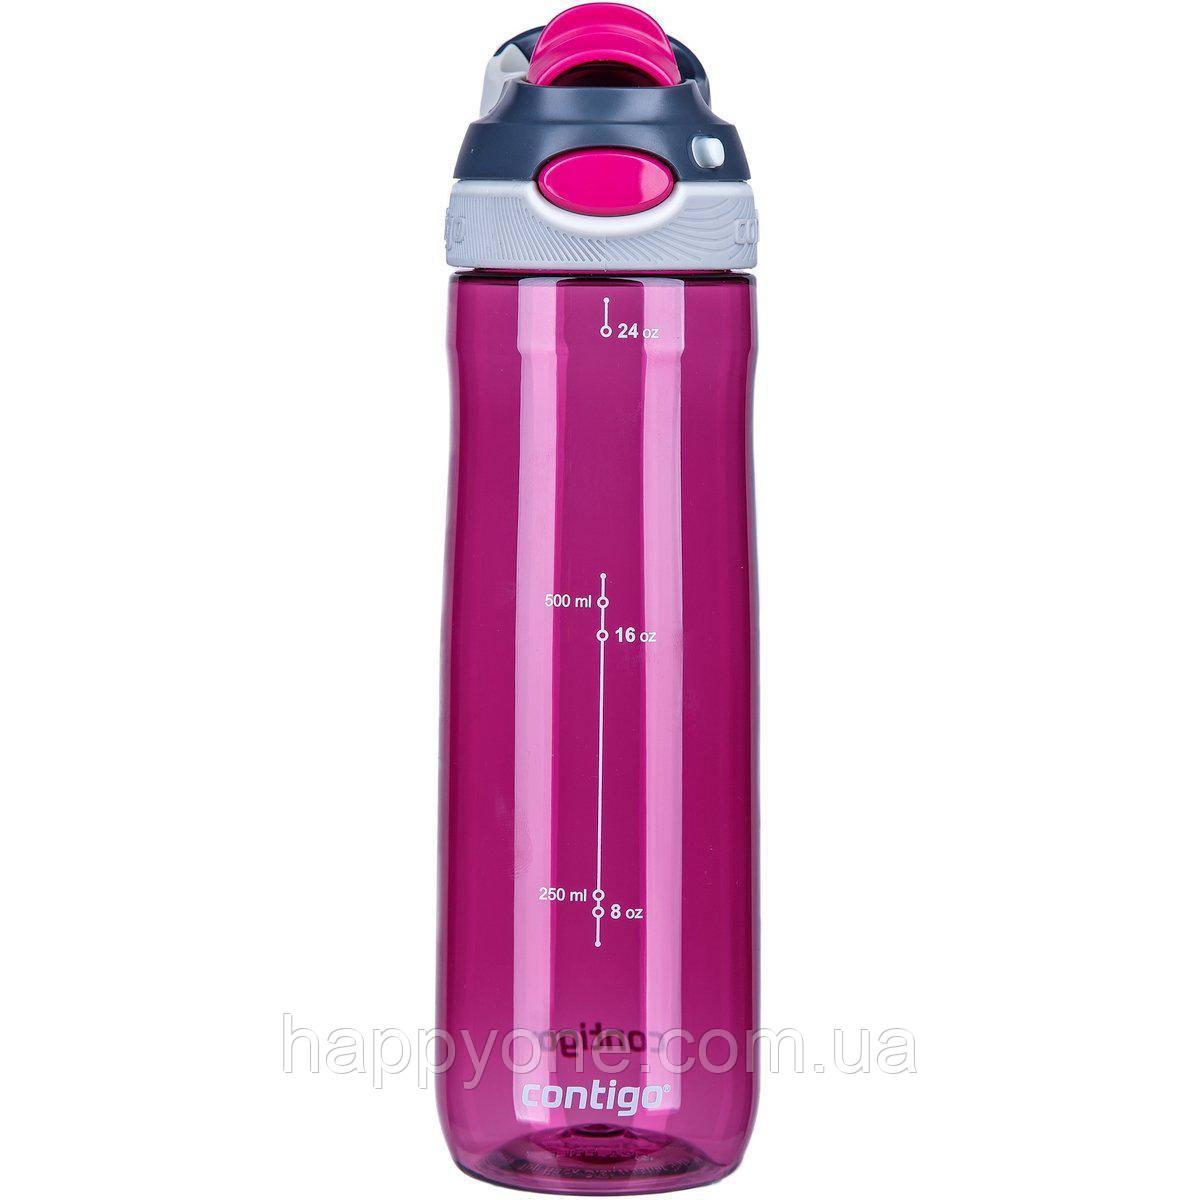 Бутылка для воды Contigo Chug Autospout Verry Berry (720 мл)